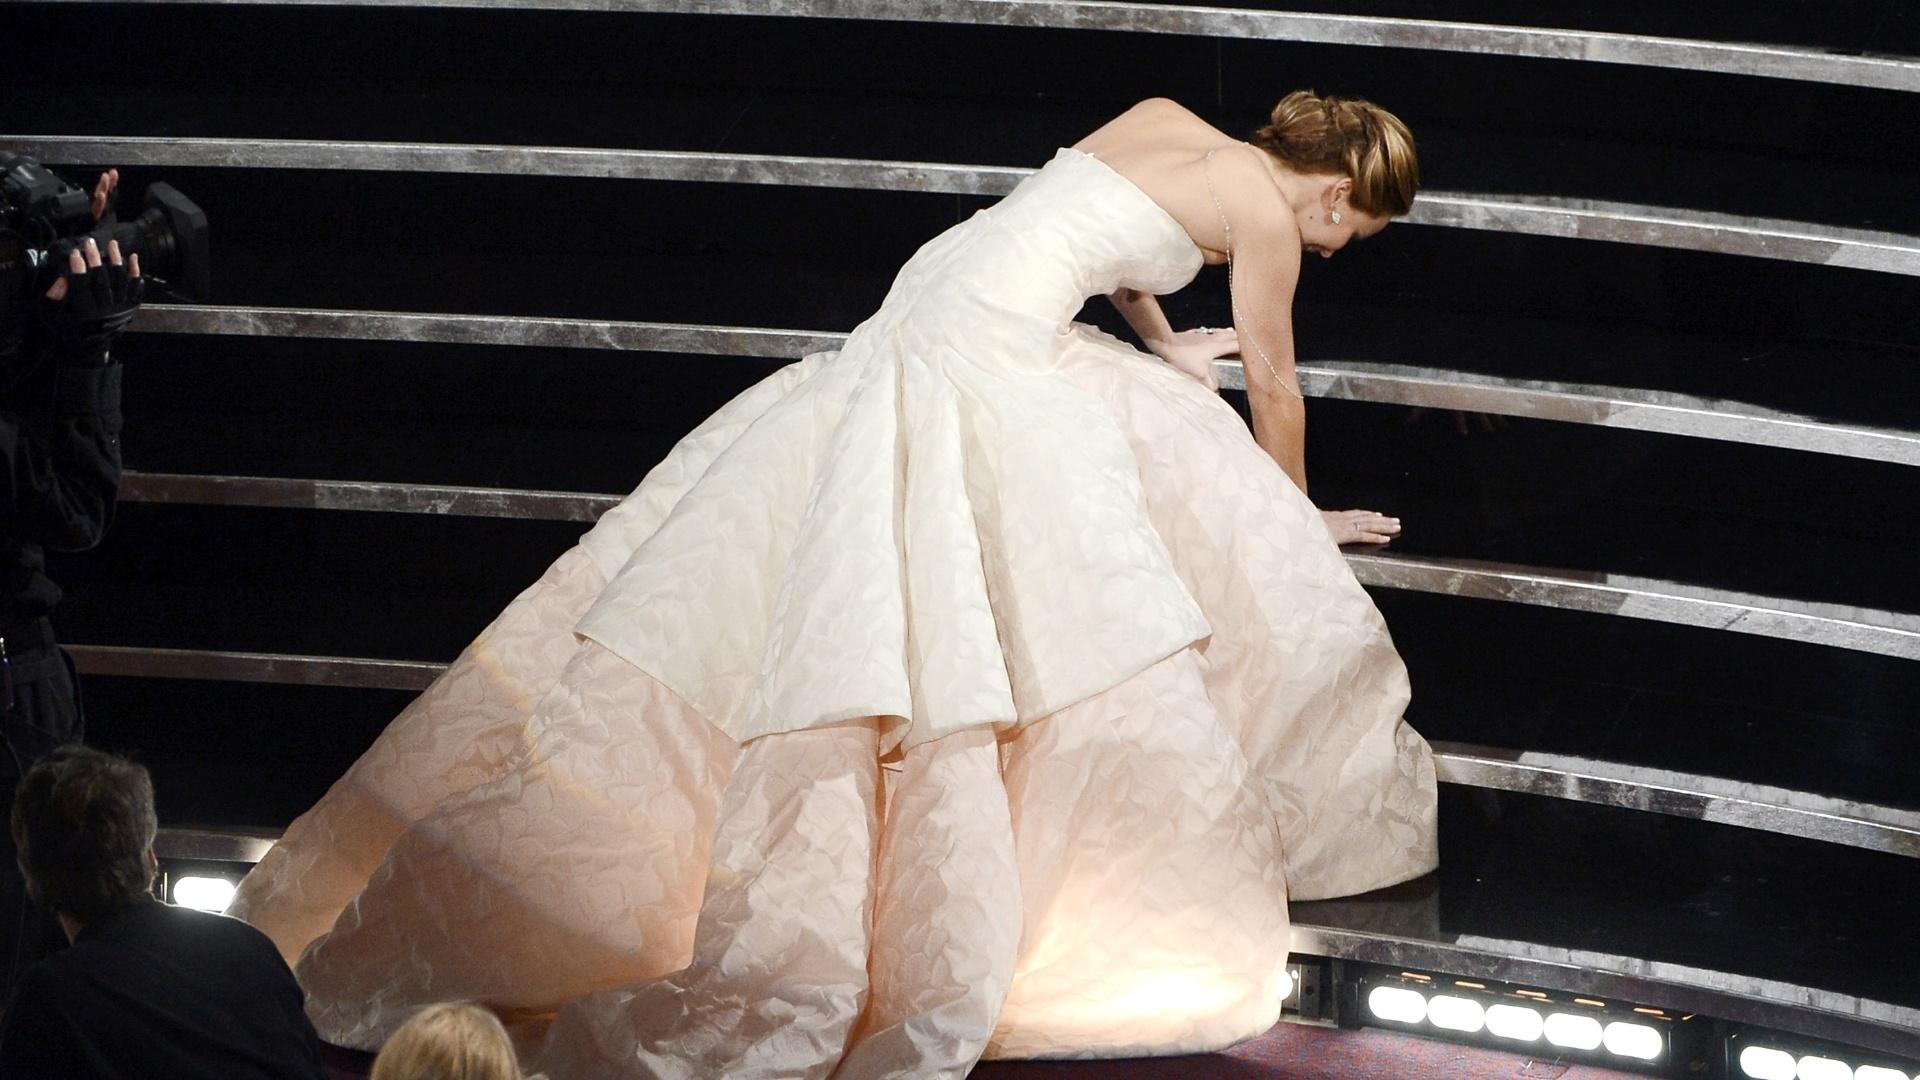 24.fev.2013 - Jennifer Lawrence caiu na escada do palco na hora de receber o prêmio de Melhor Atriz